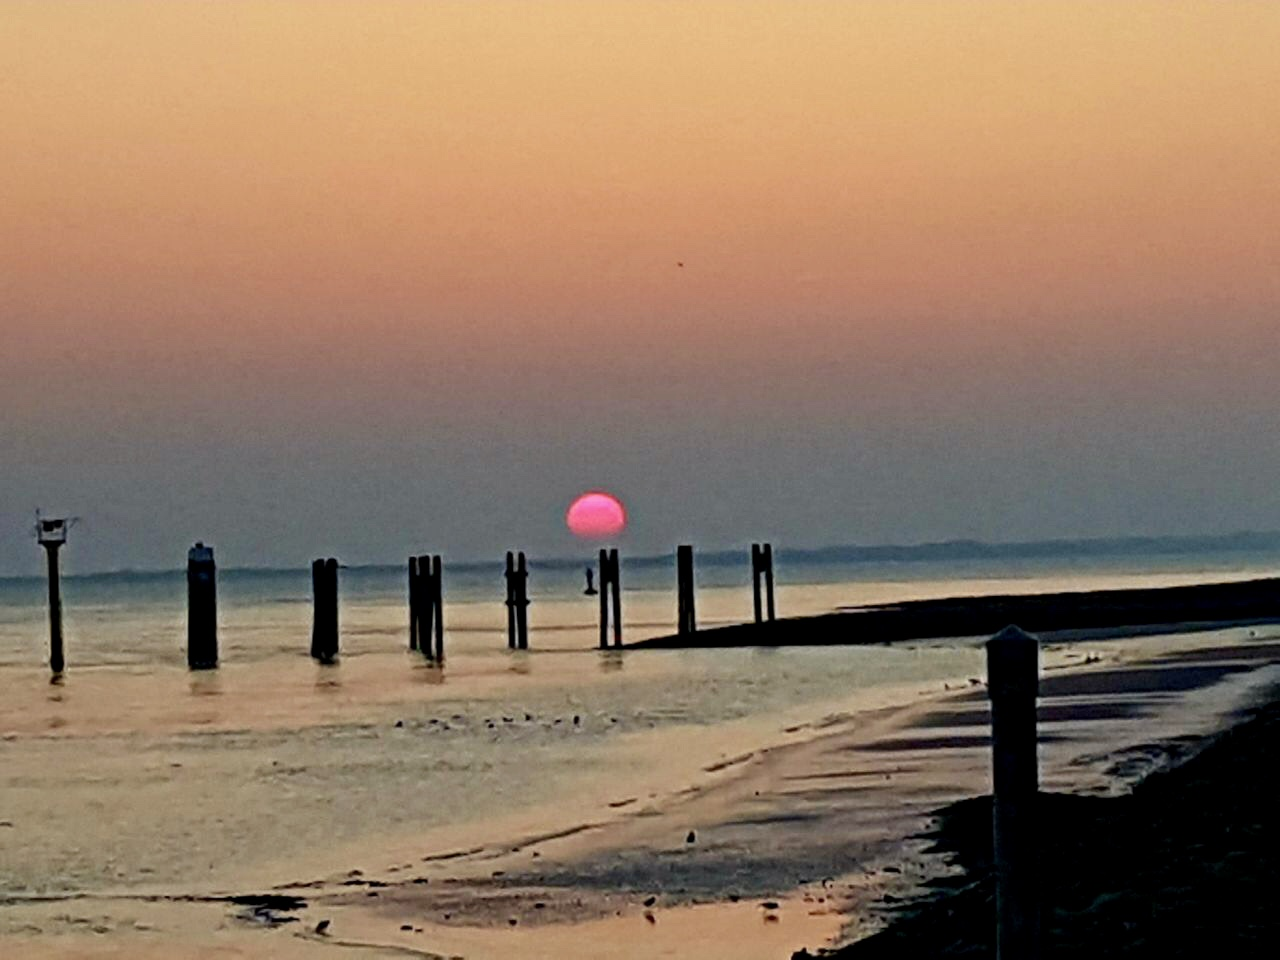 Herbsthimmel und Sonnenuntergang vor der Rückfahrt nach Norddeich. 2018